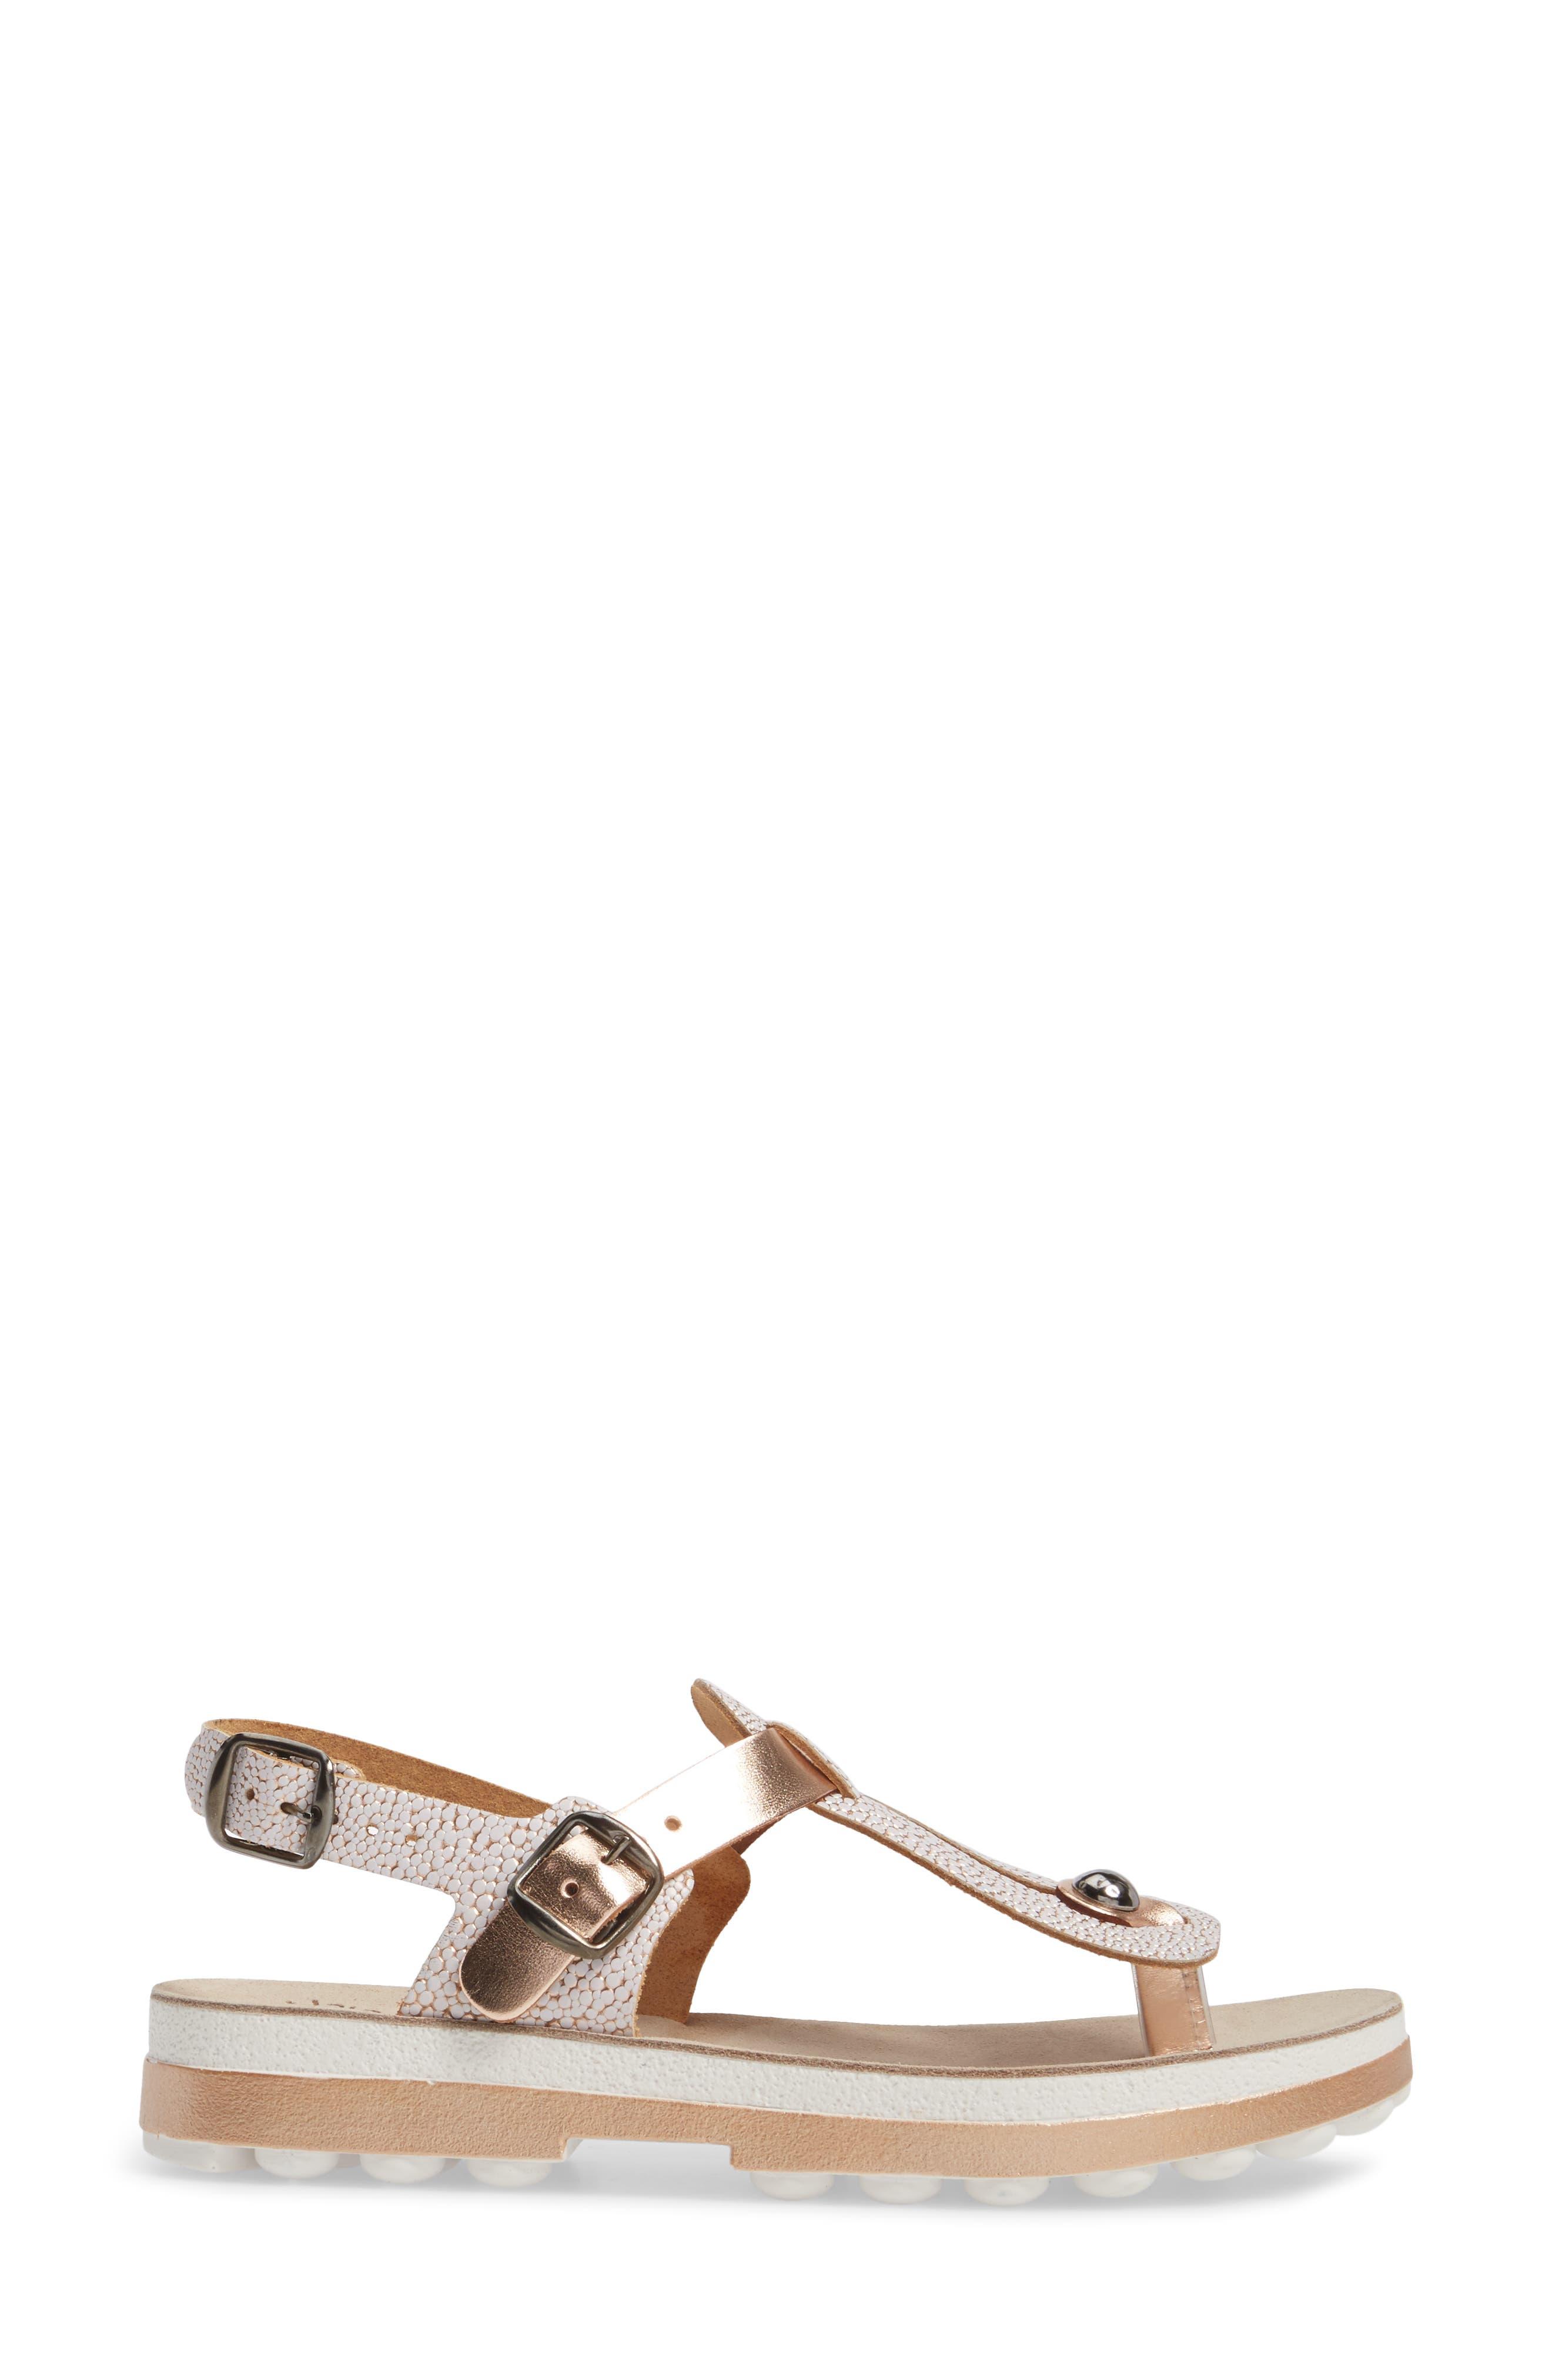 Marlena Fantasy Sandal,                             Alternate thumbnail 3, color,                             Rose Gold Leather